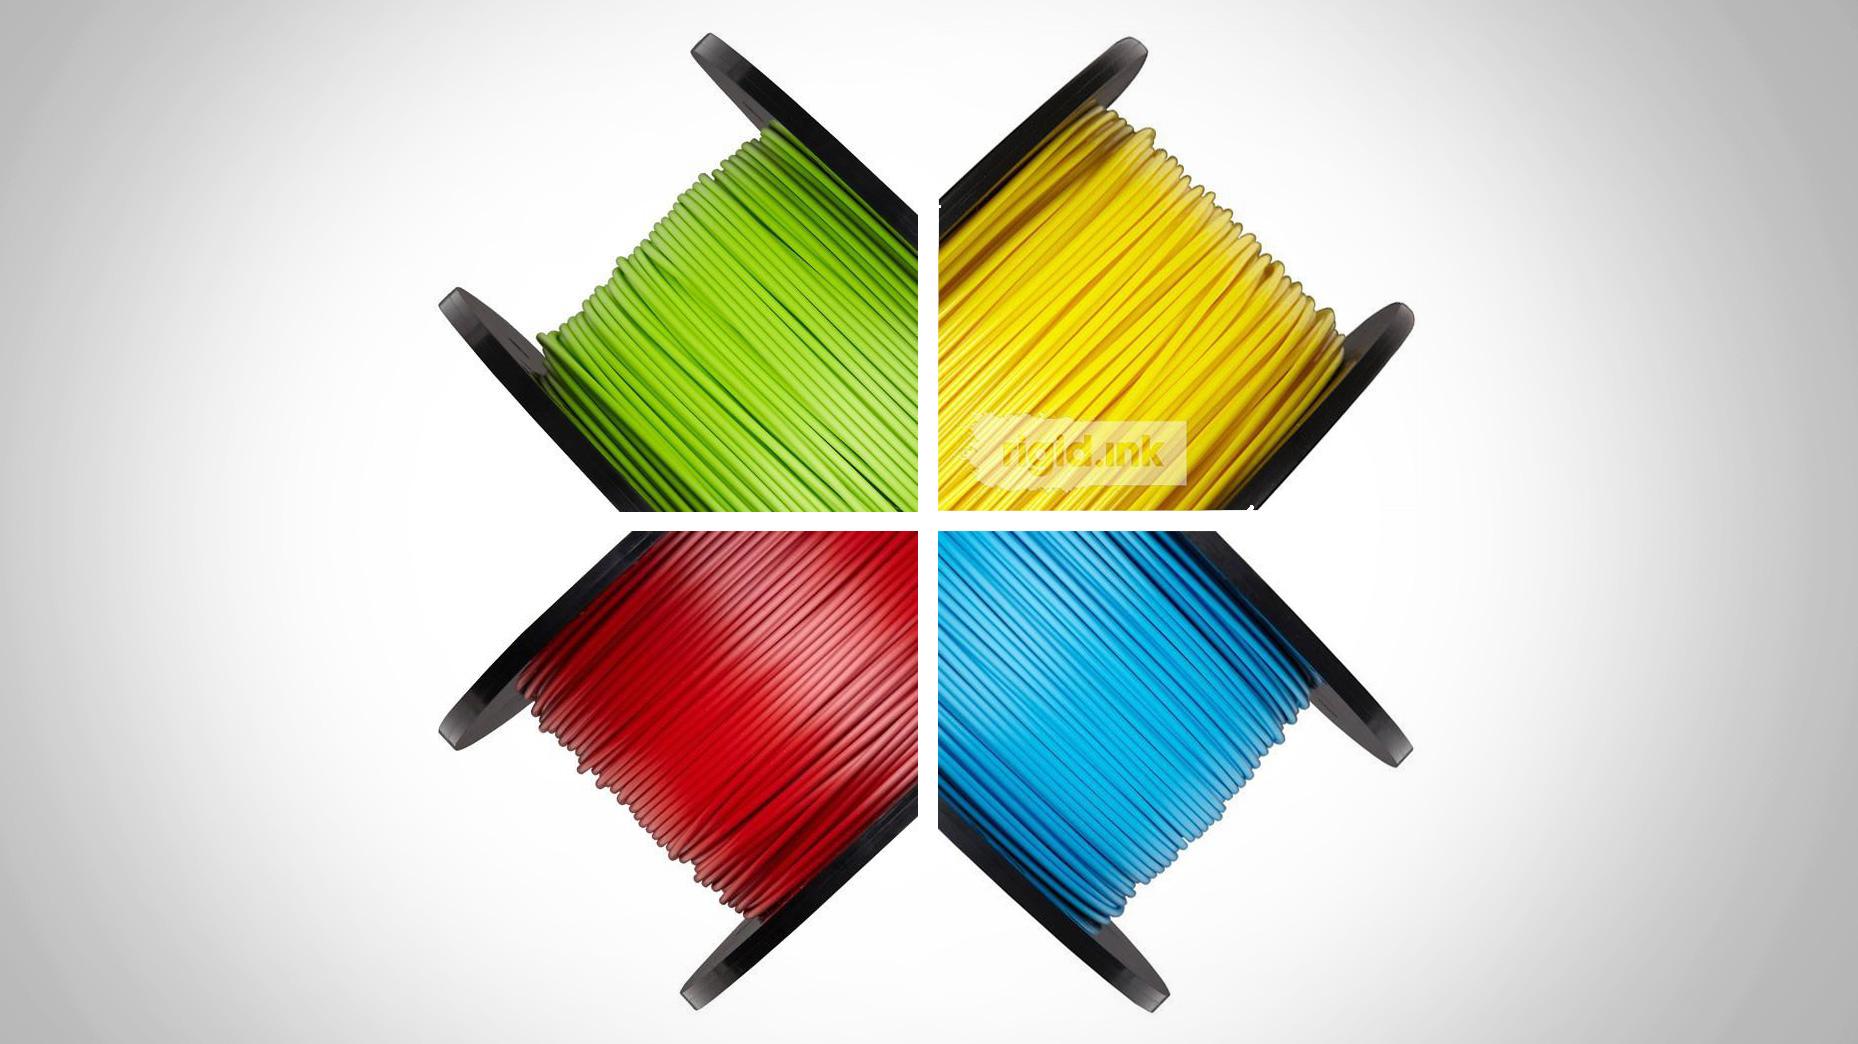 [DEAL] rigid.ink Flexible PLA 1kg 2.85mm, 25% Off at $38.79   All3DP